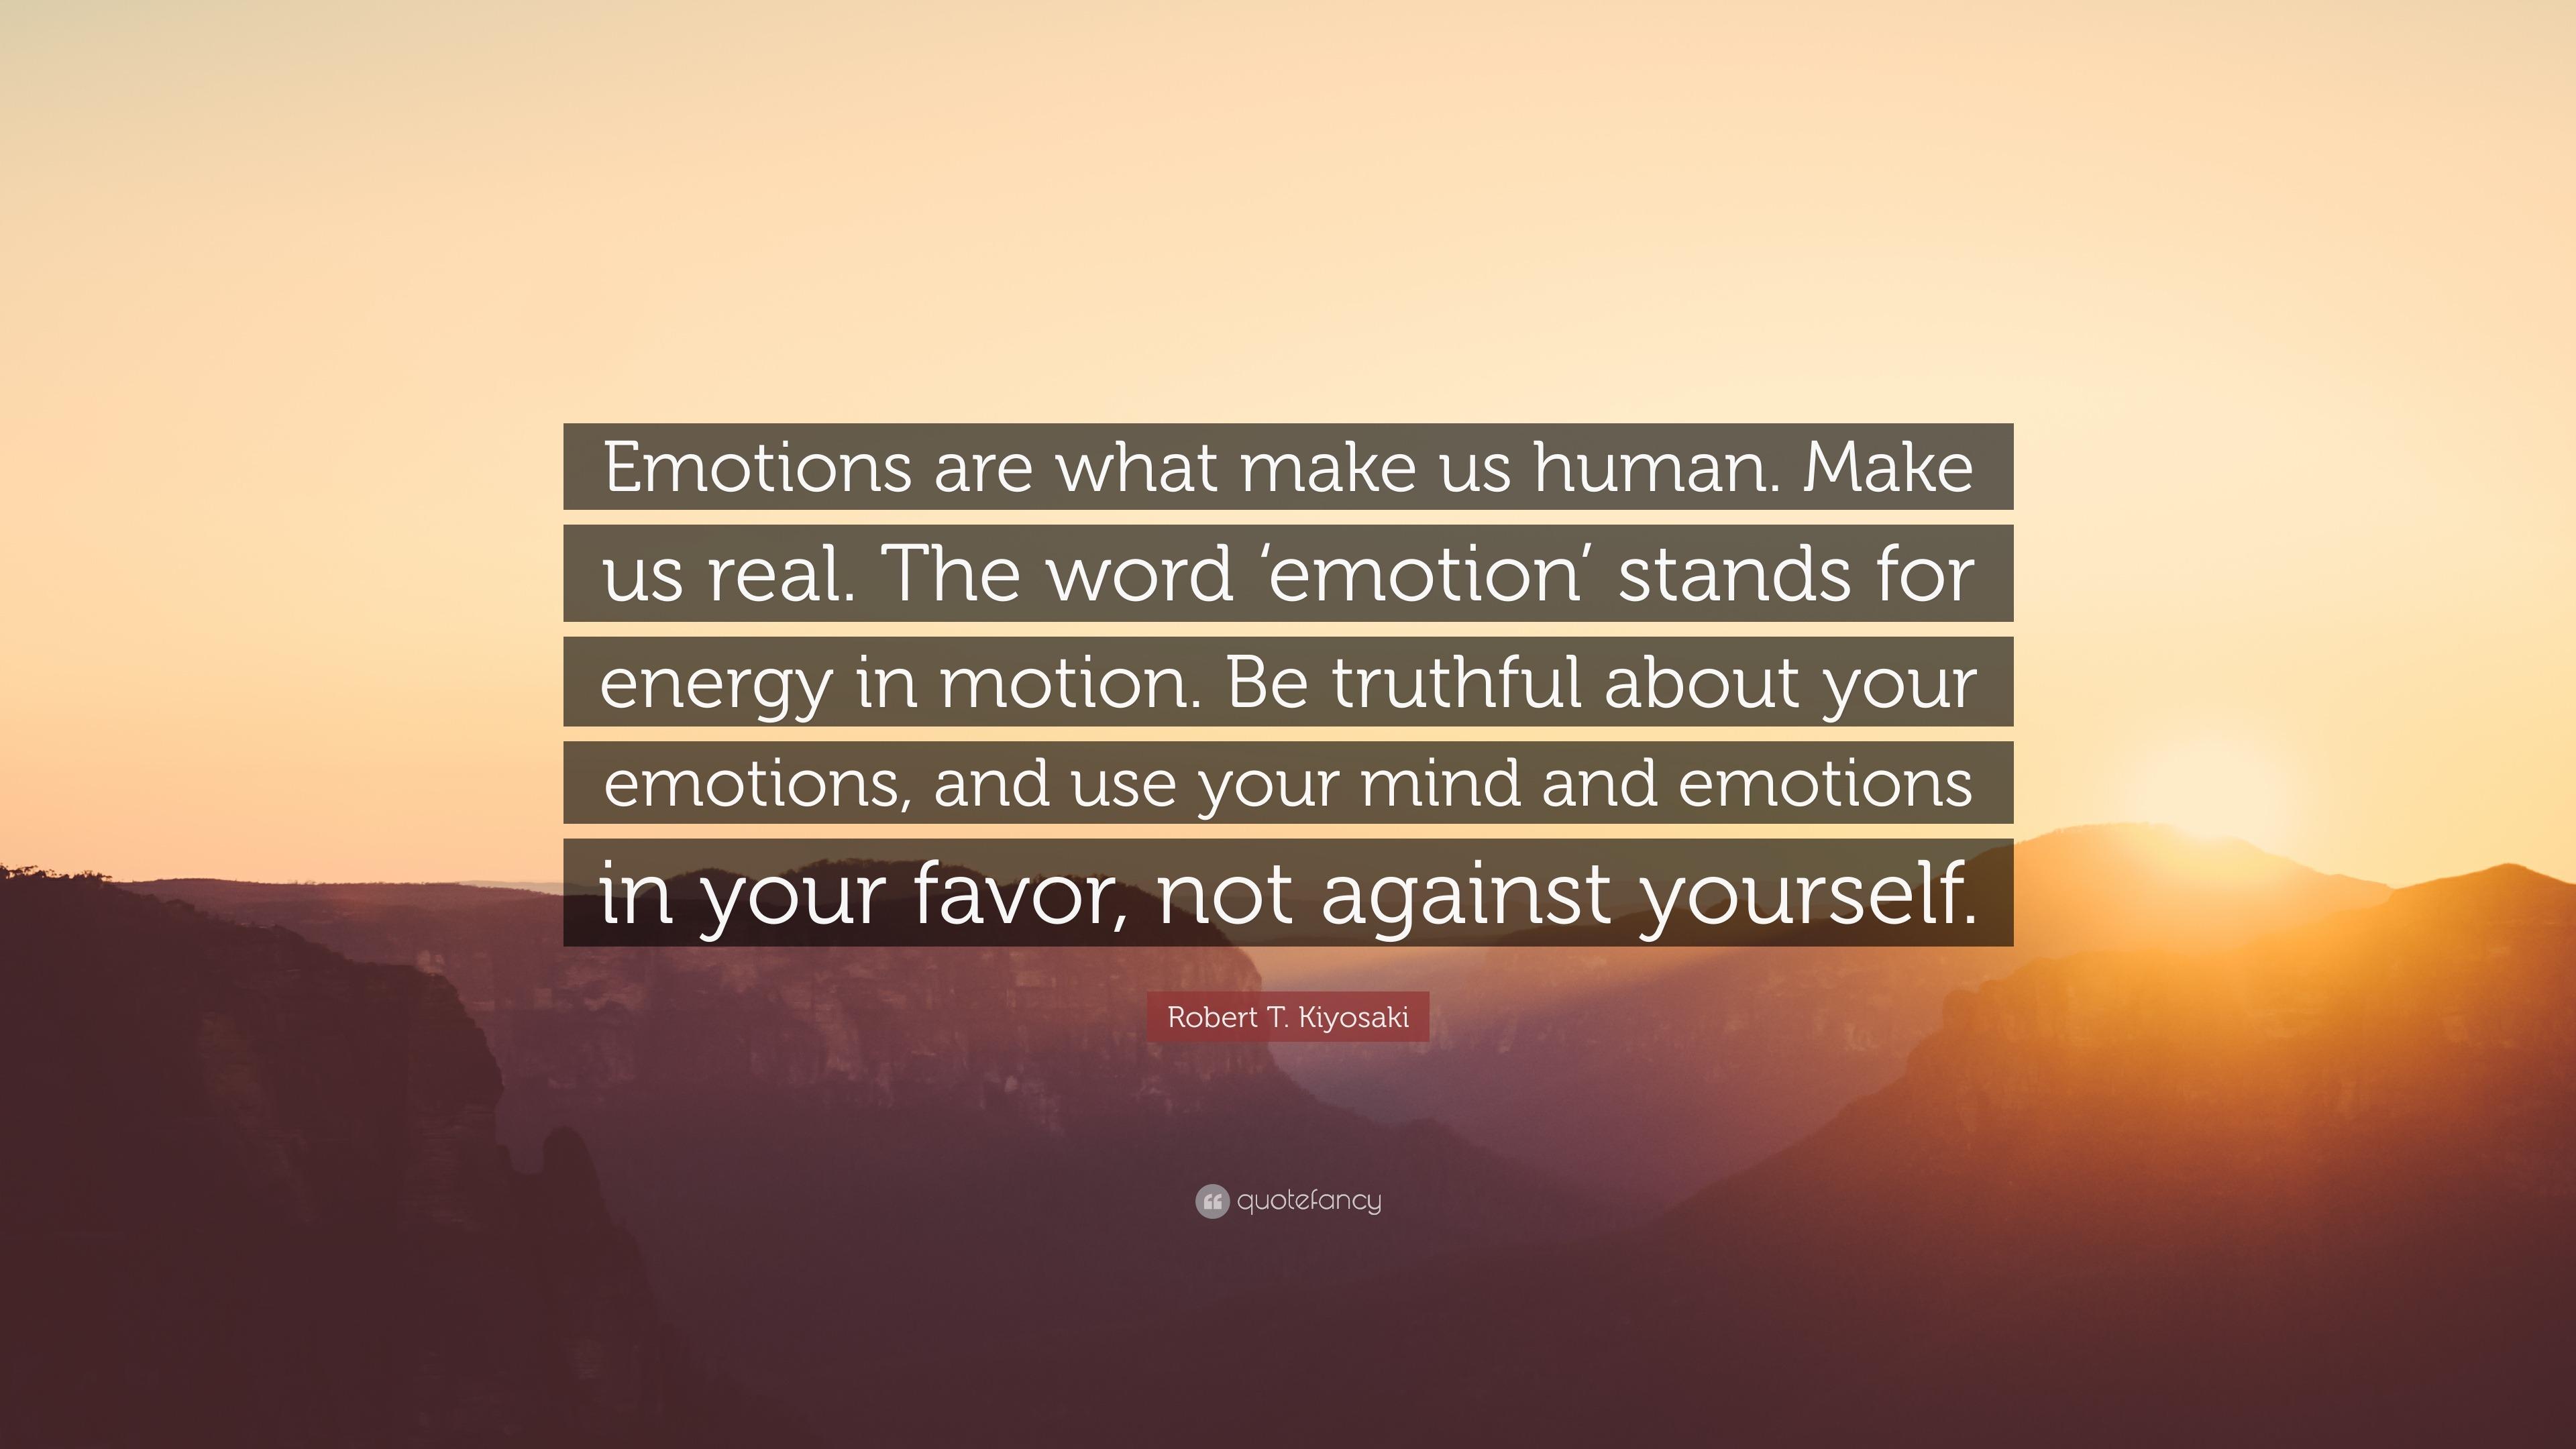 robert t kiyosaki quote emotions are what make us human make robert t kiyosaki quote emotions are what make us human make us